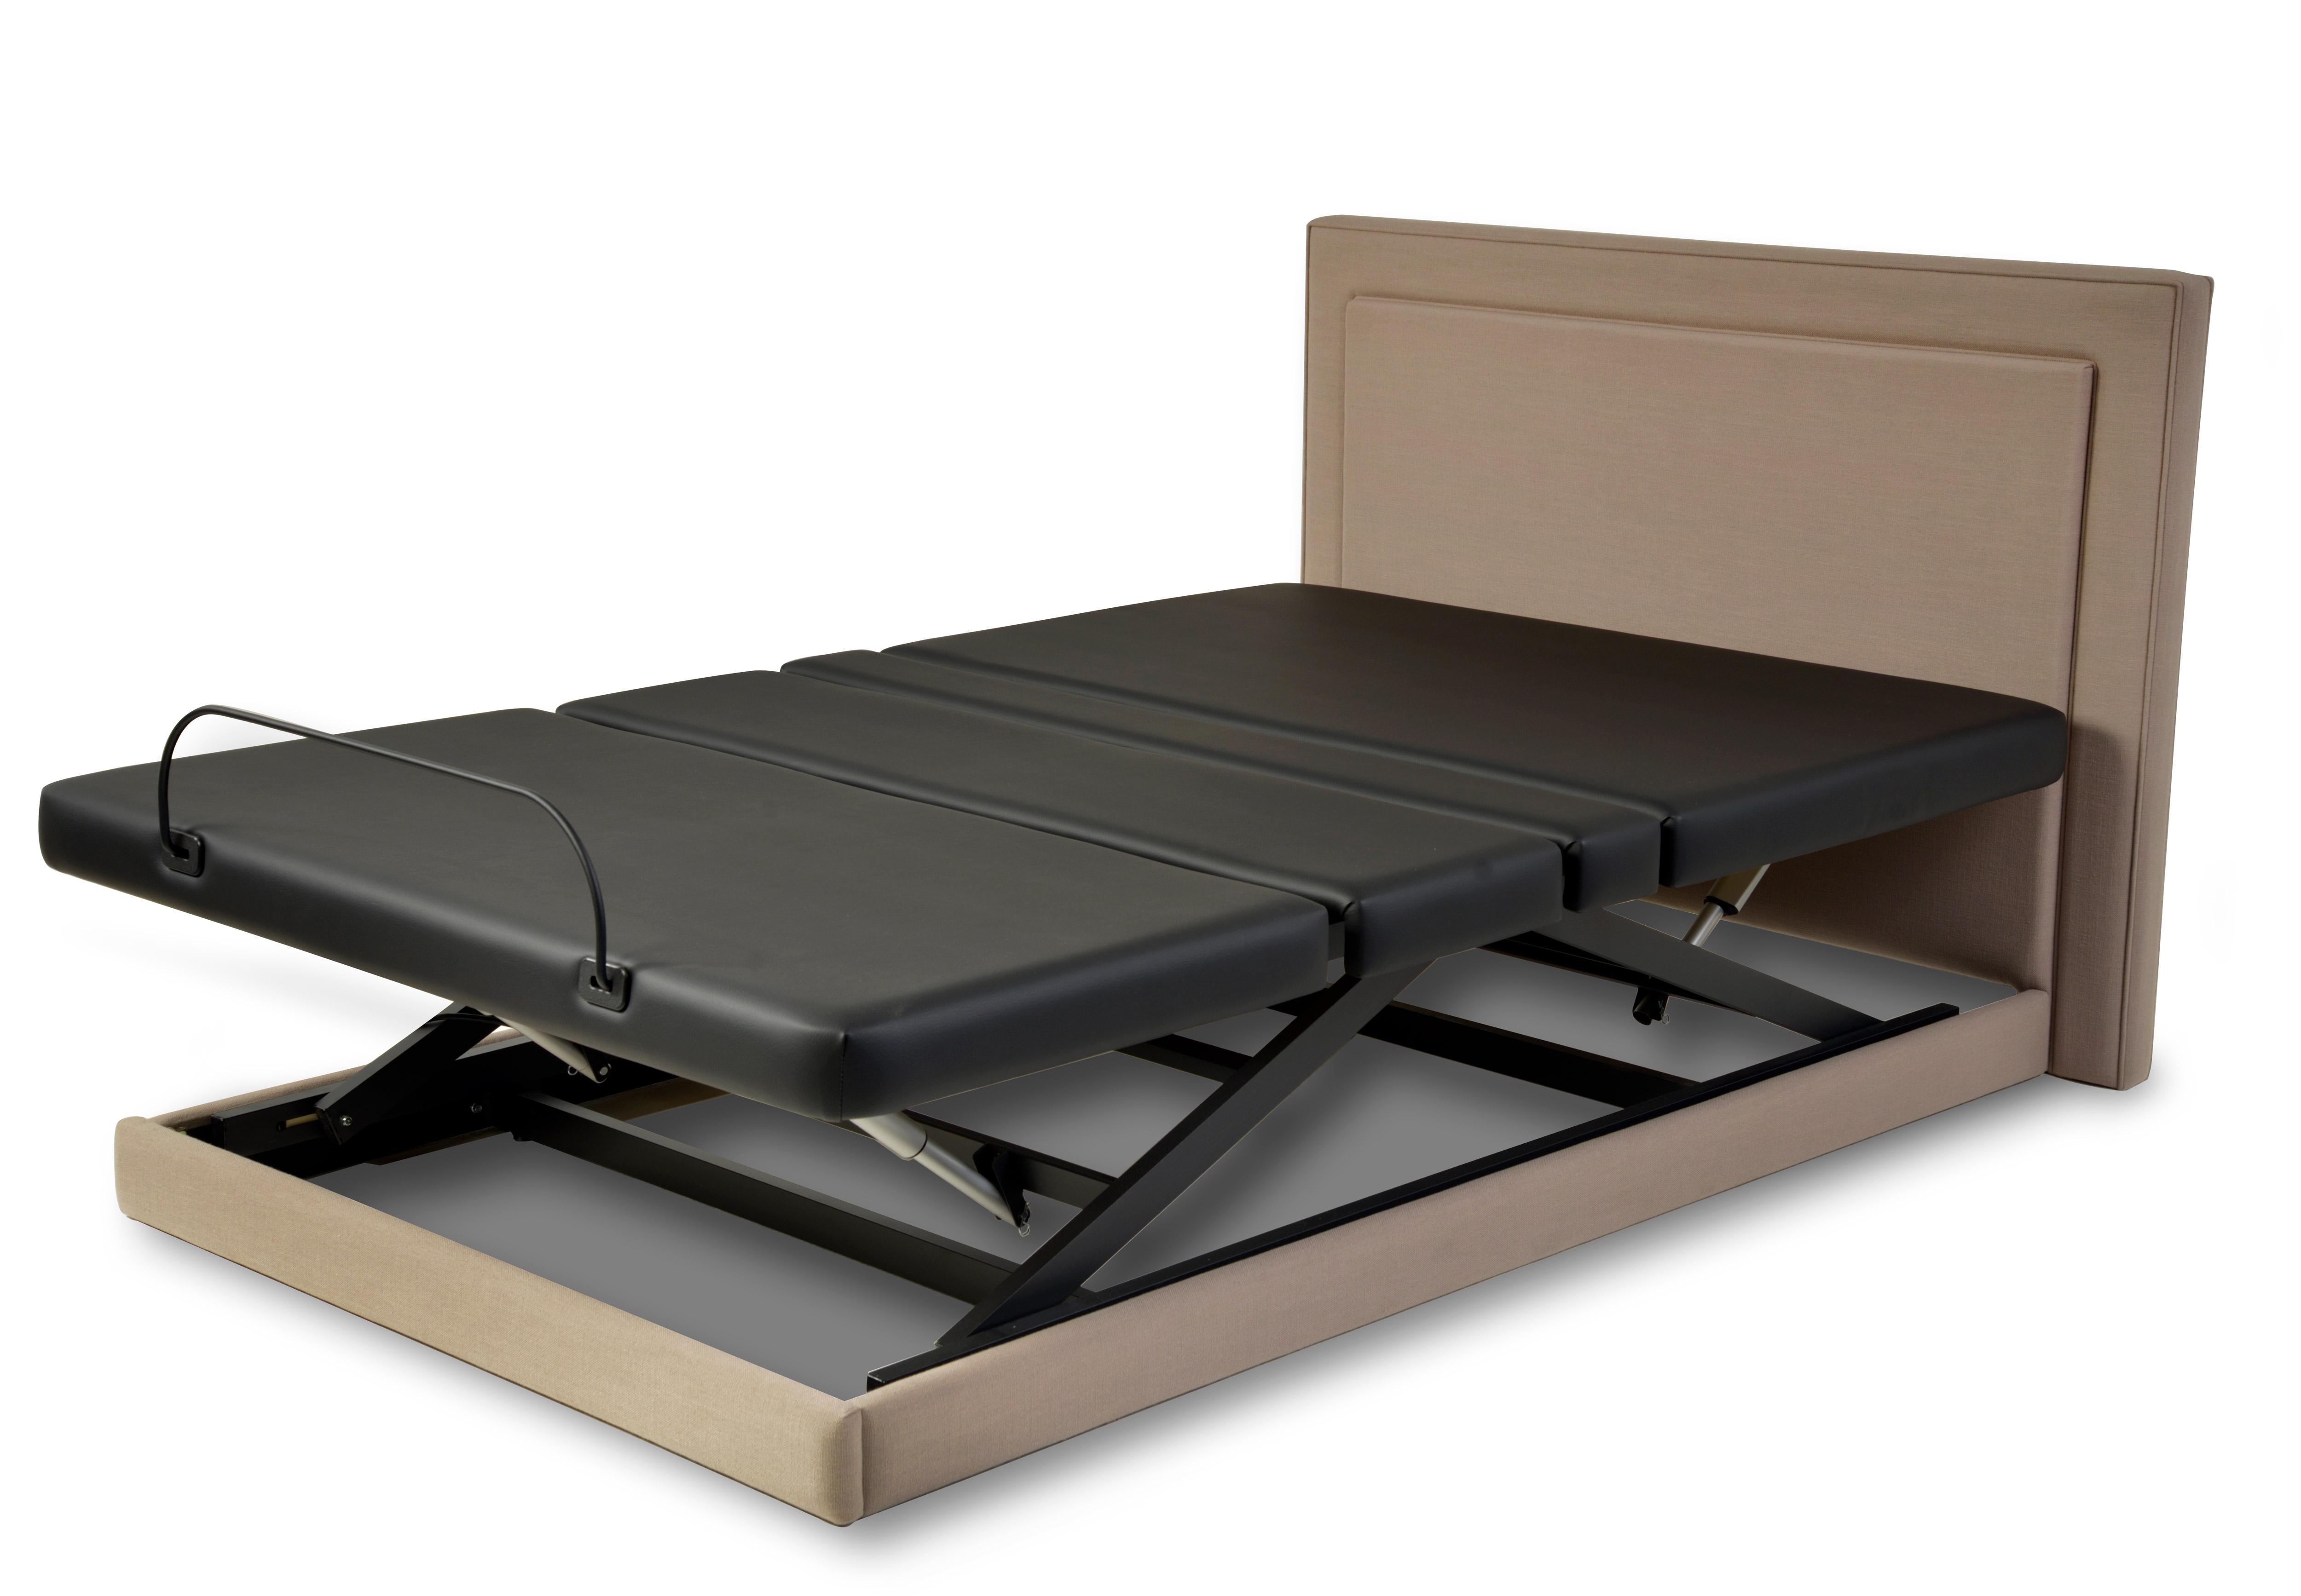 Assured Comfort Hi Low Adjustable Bed Platform Series Upholstered Panel - Up position